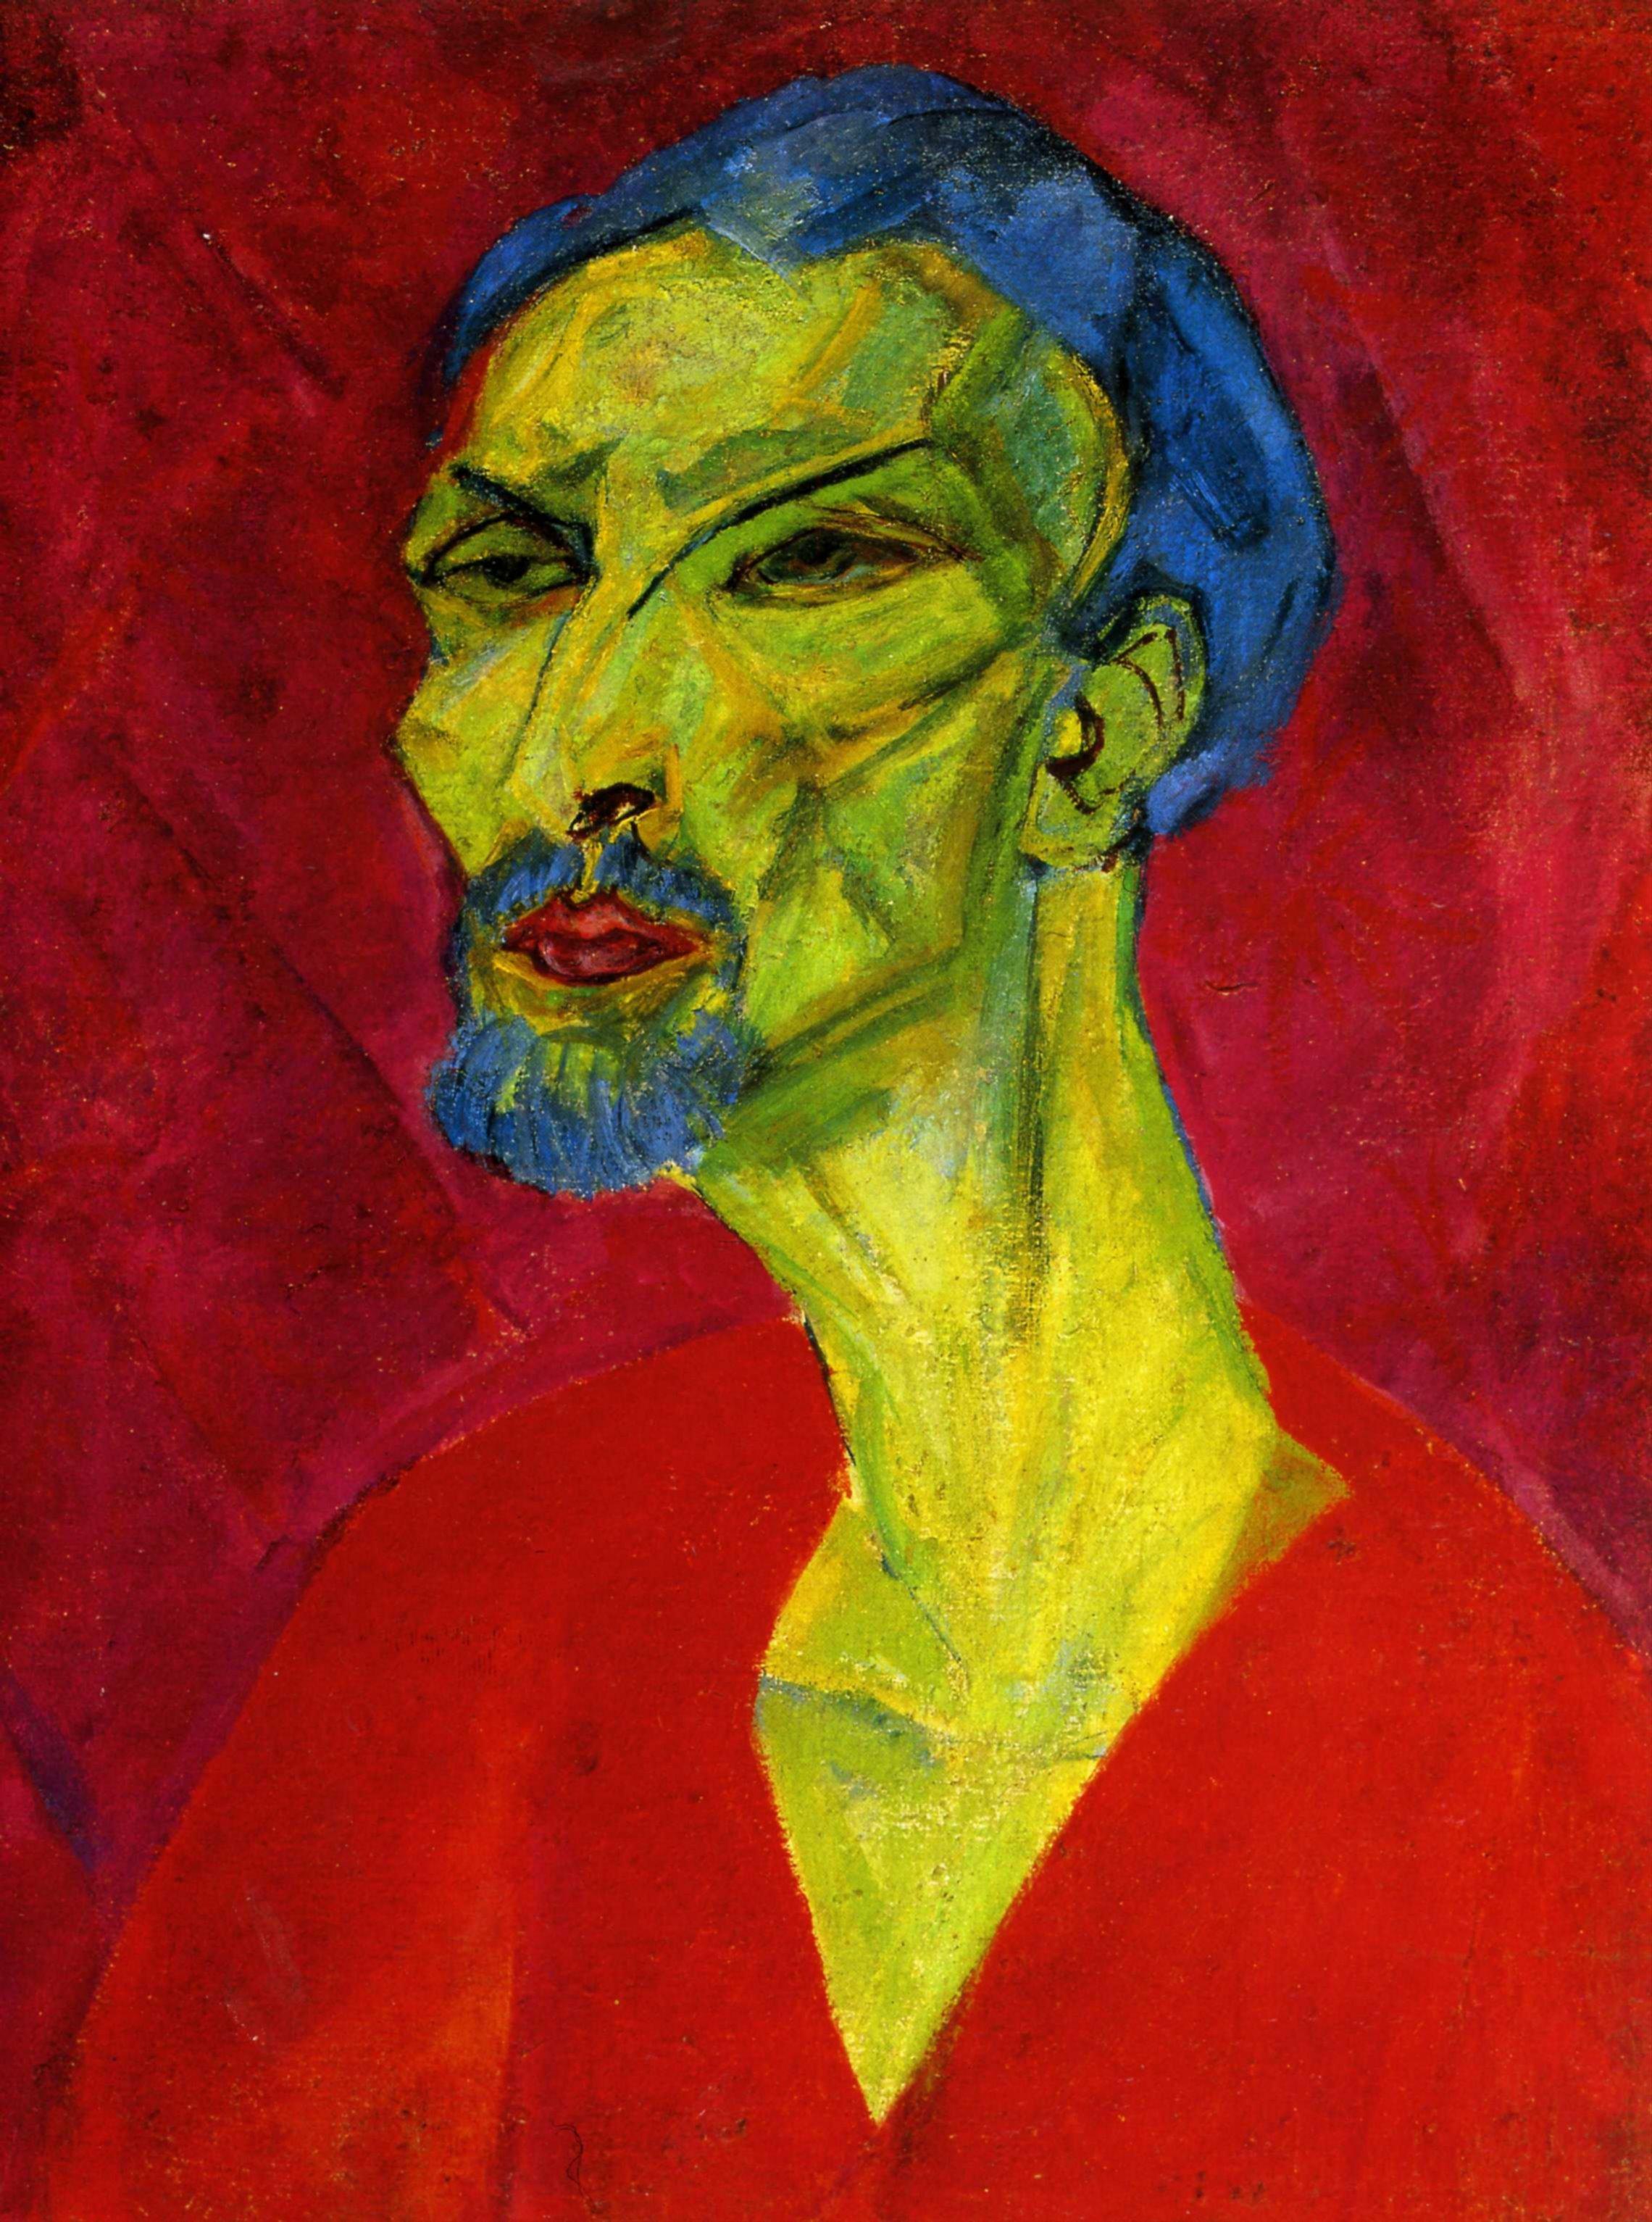 Ганс Кац. Портрет мужчины в красном. 1919